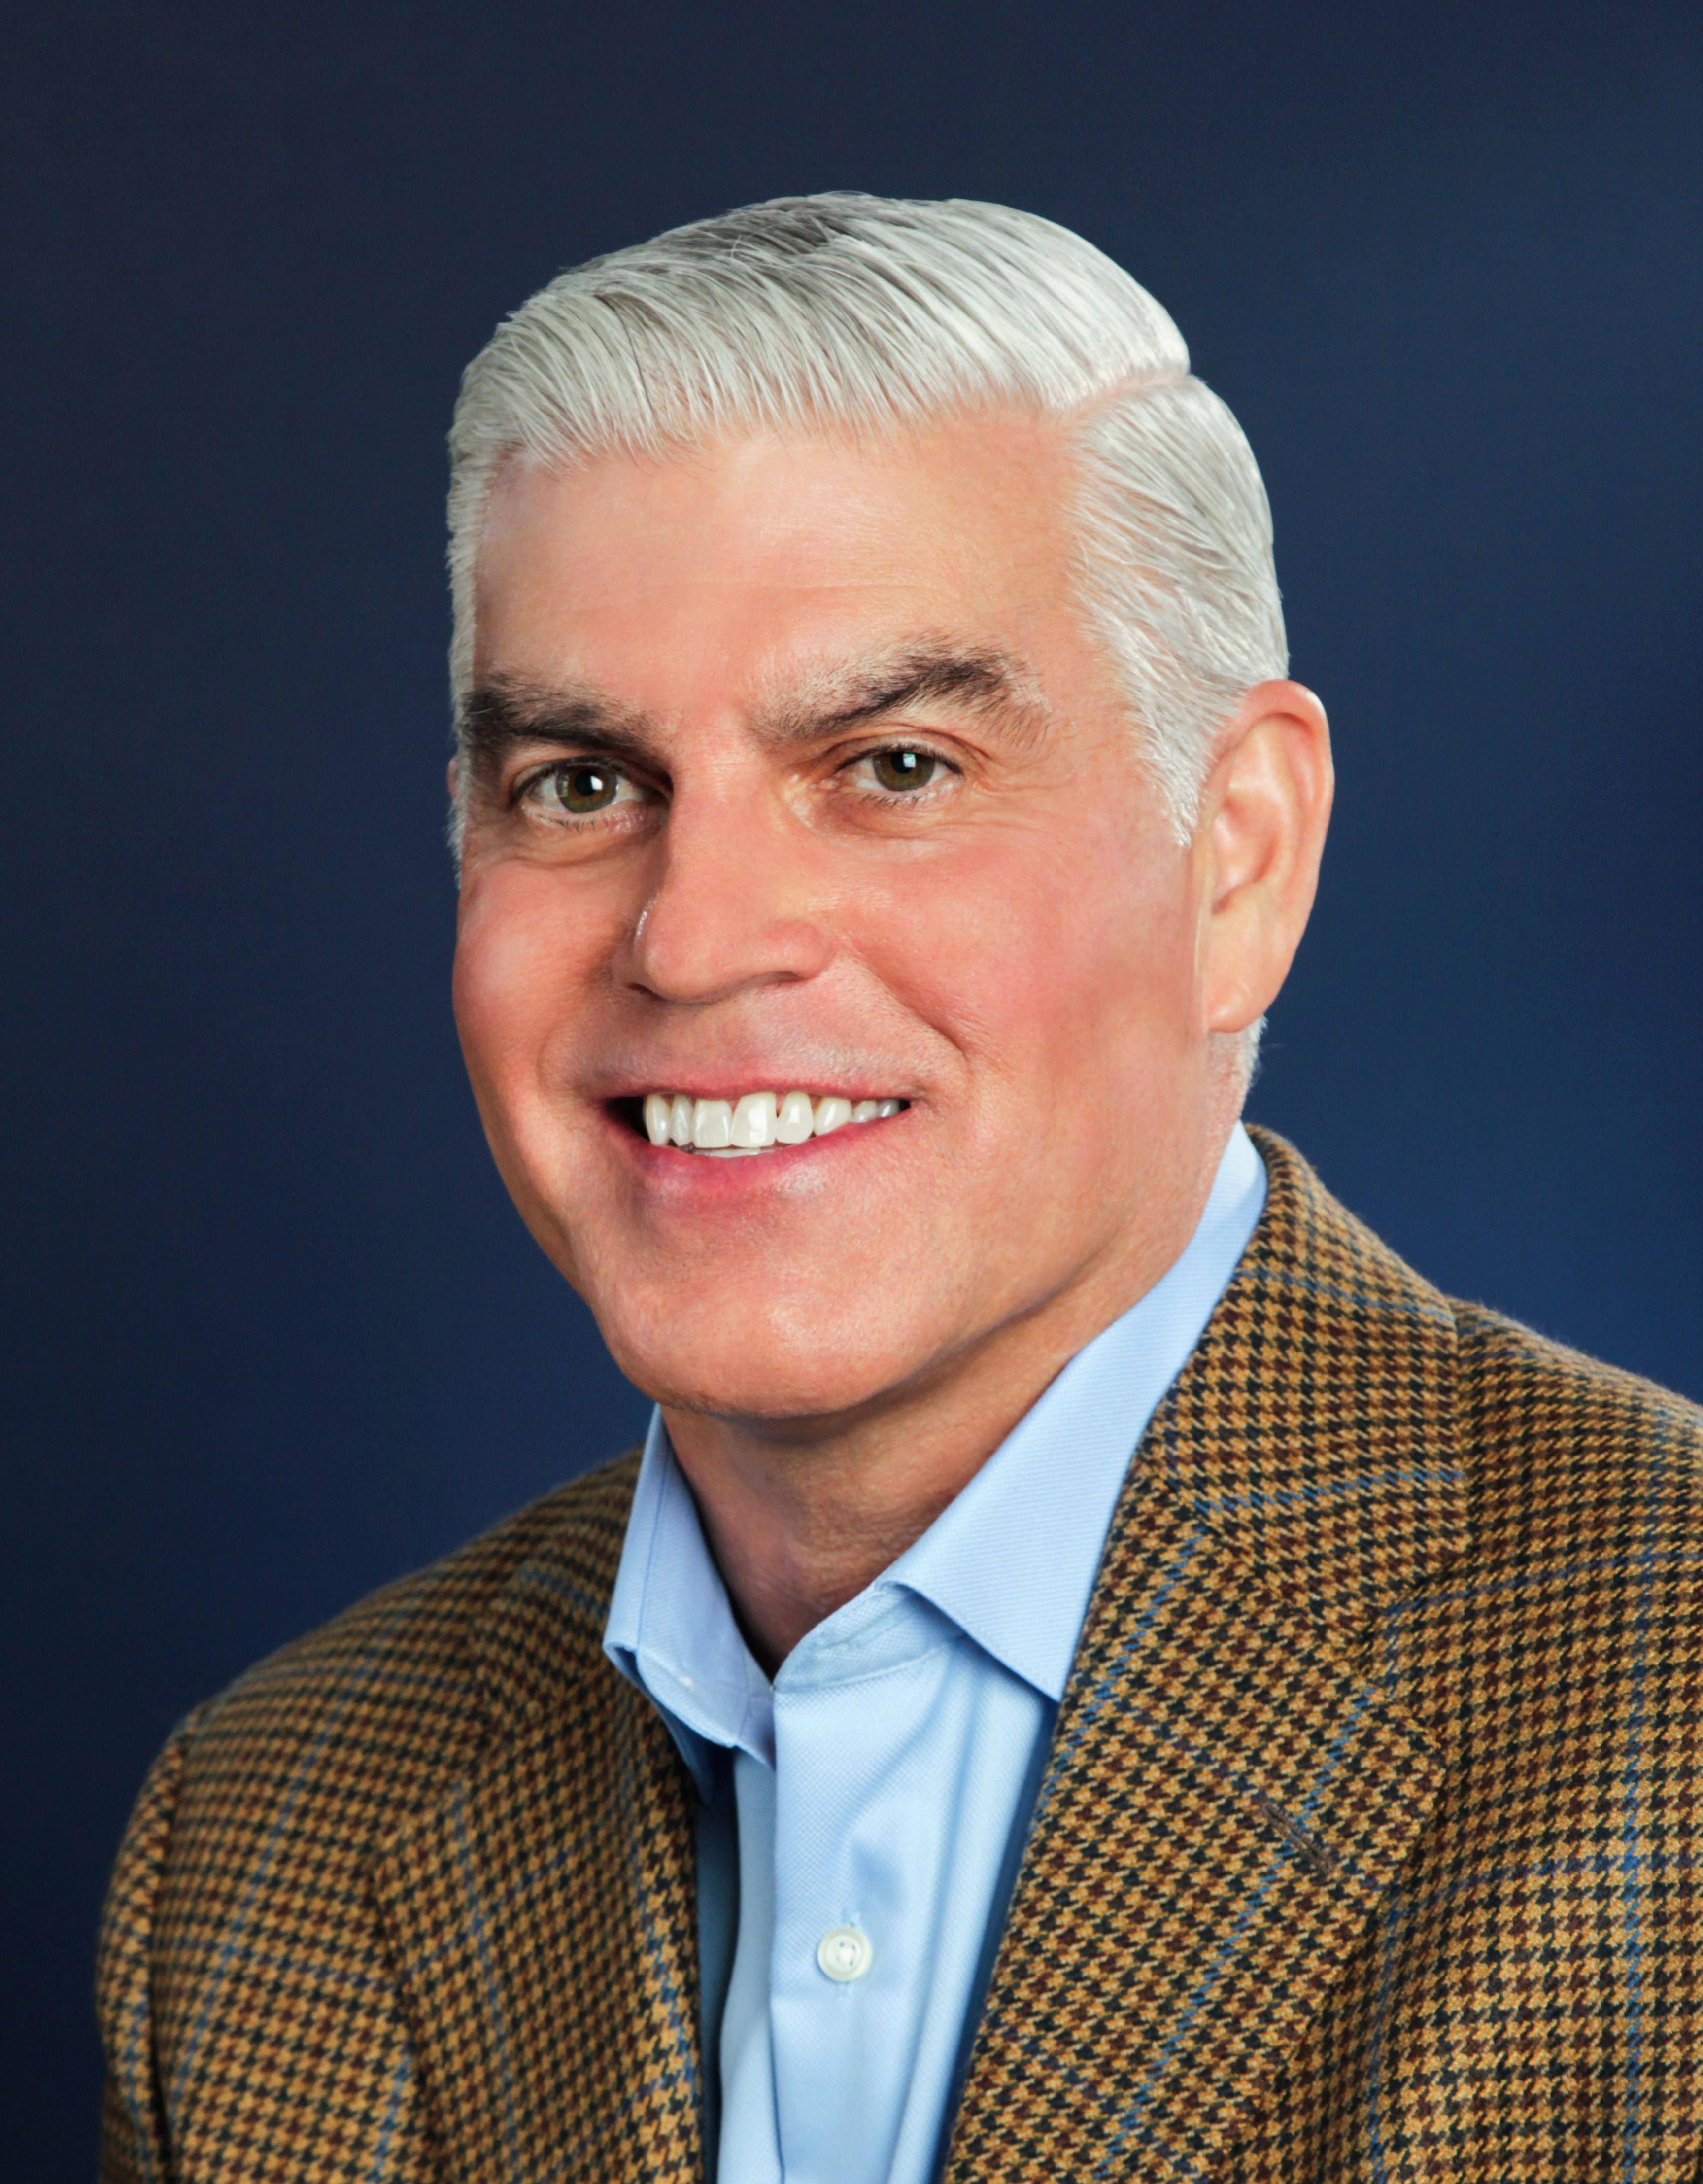 Brian E. Lavery